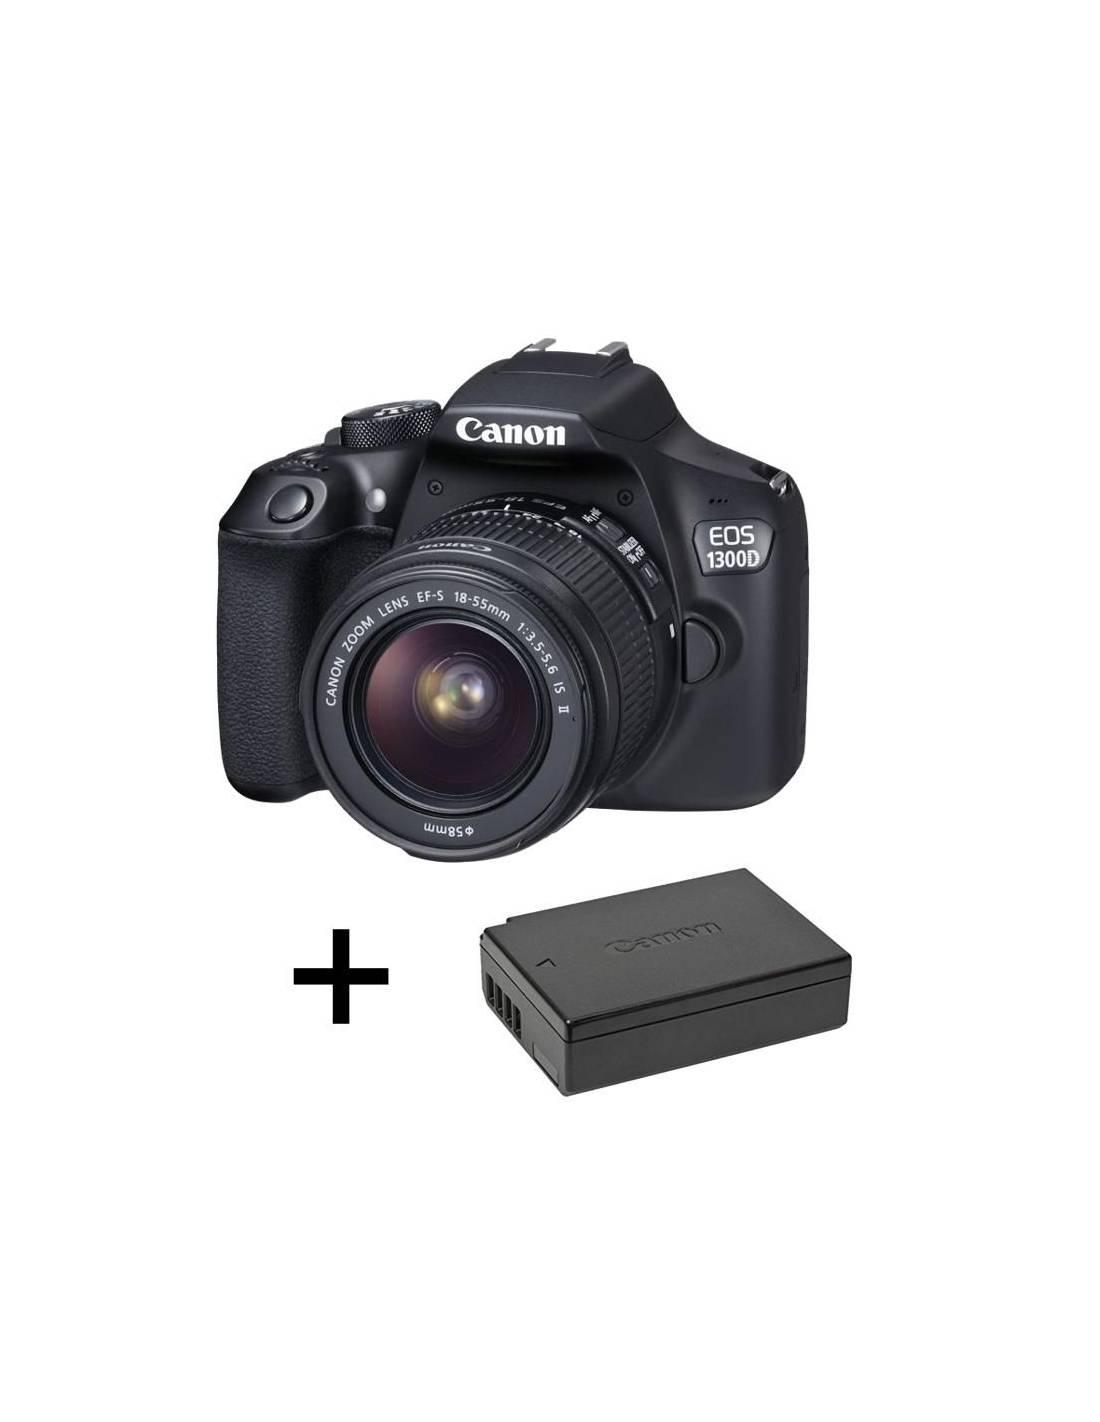 Cámaras fotográficas digitales: réflex, sin espejo y compactas ...